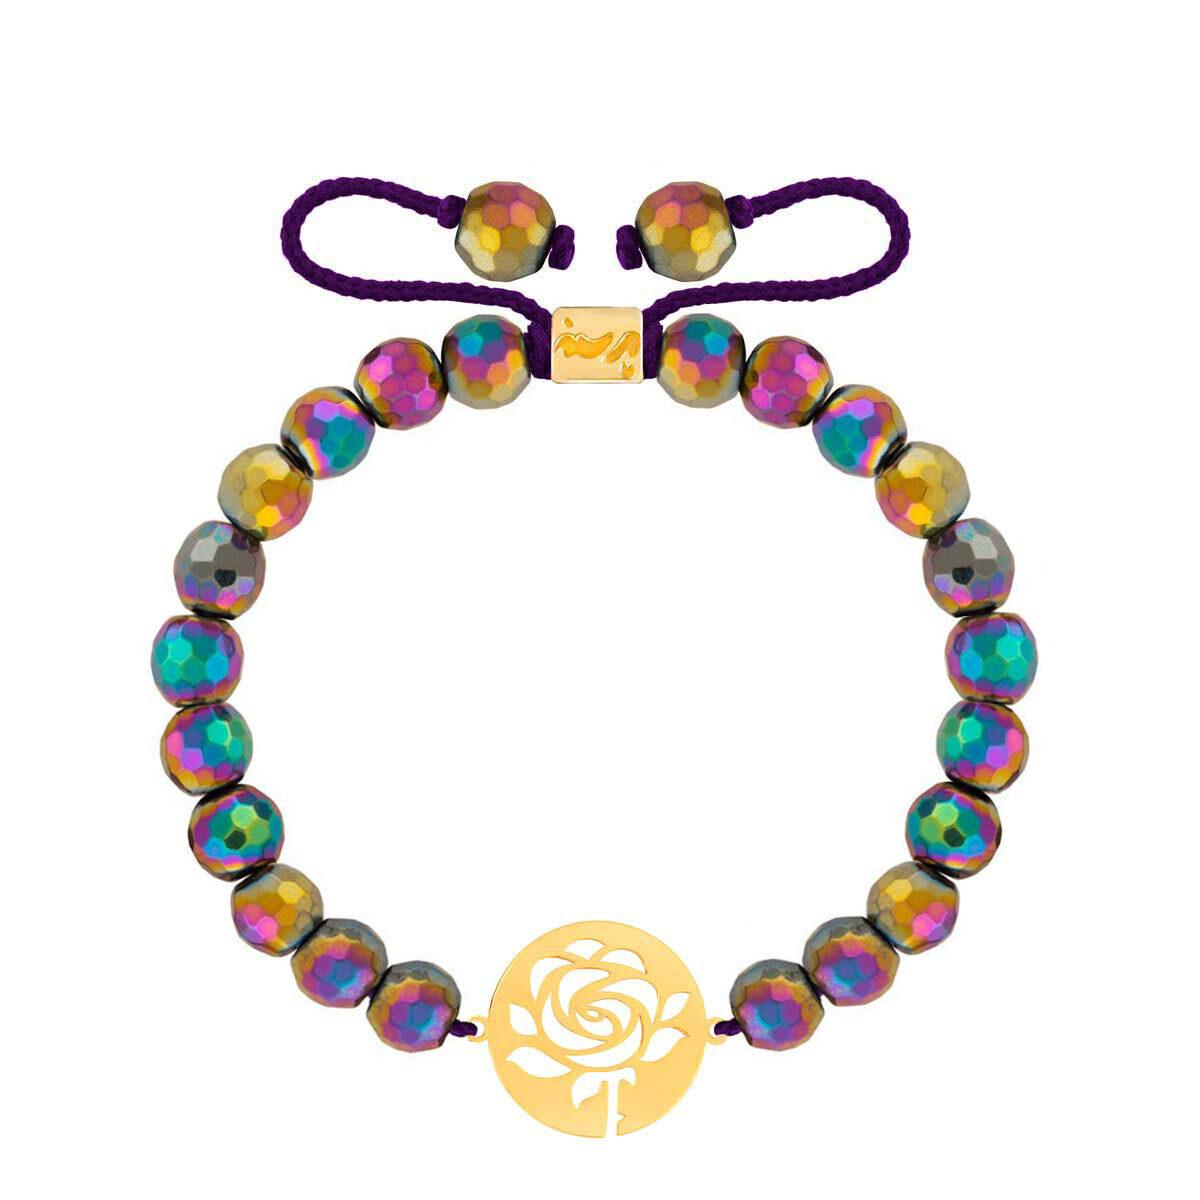 دستبند طلا سنگی پلاک گل رز و حدید رنگی